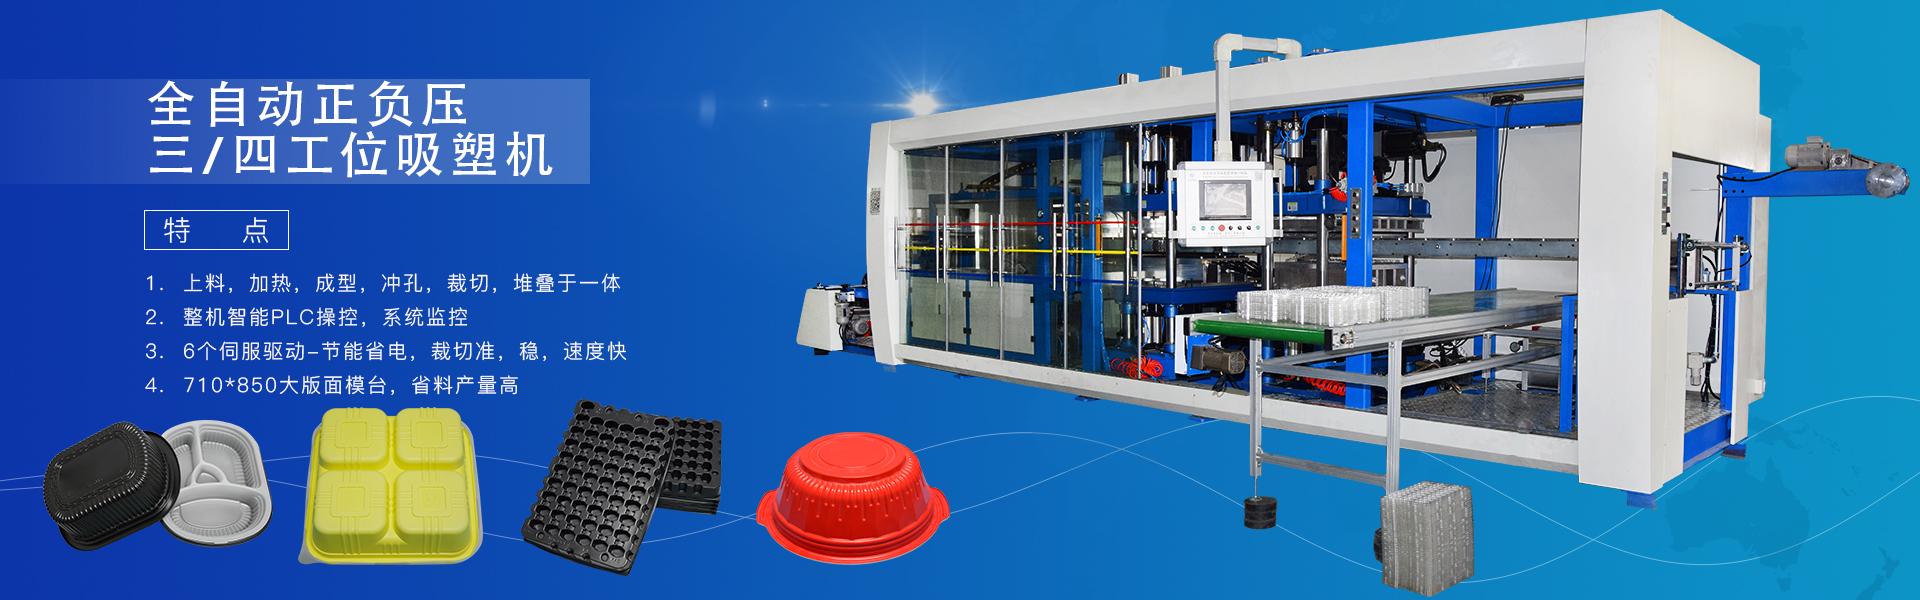 具有微调精度高、温度均匀、升温快(从0-400度只需3分钟),稳定(不受外部电压影响、温度波动不超过1度)。能耗低(节能15%左右),热炉使用寿命长等特点优势。集成型,冲剪,堆叠,计数于一体!